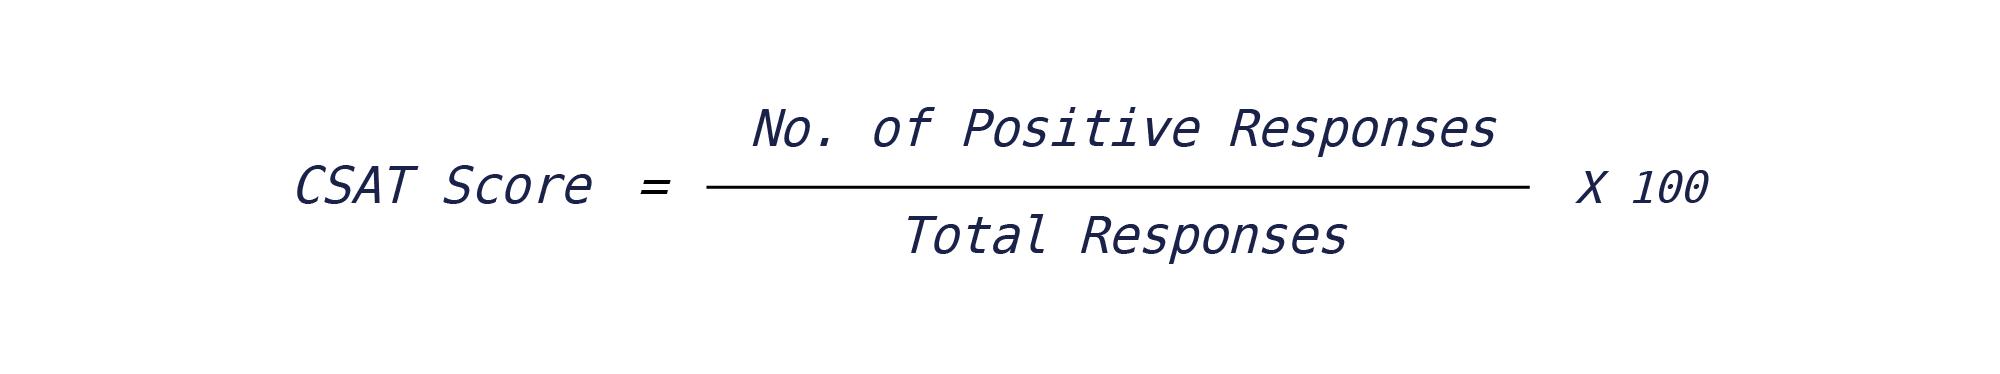 CSAT Score = No. of Positive Responses Total Responses X 100